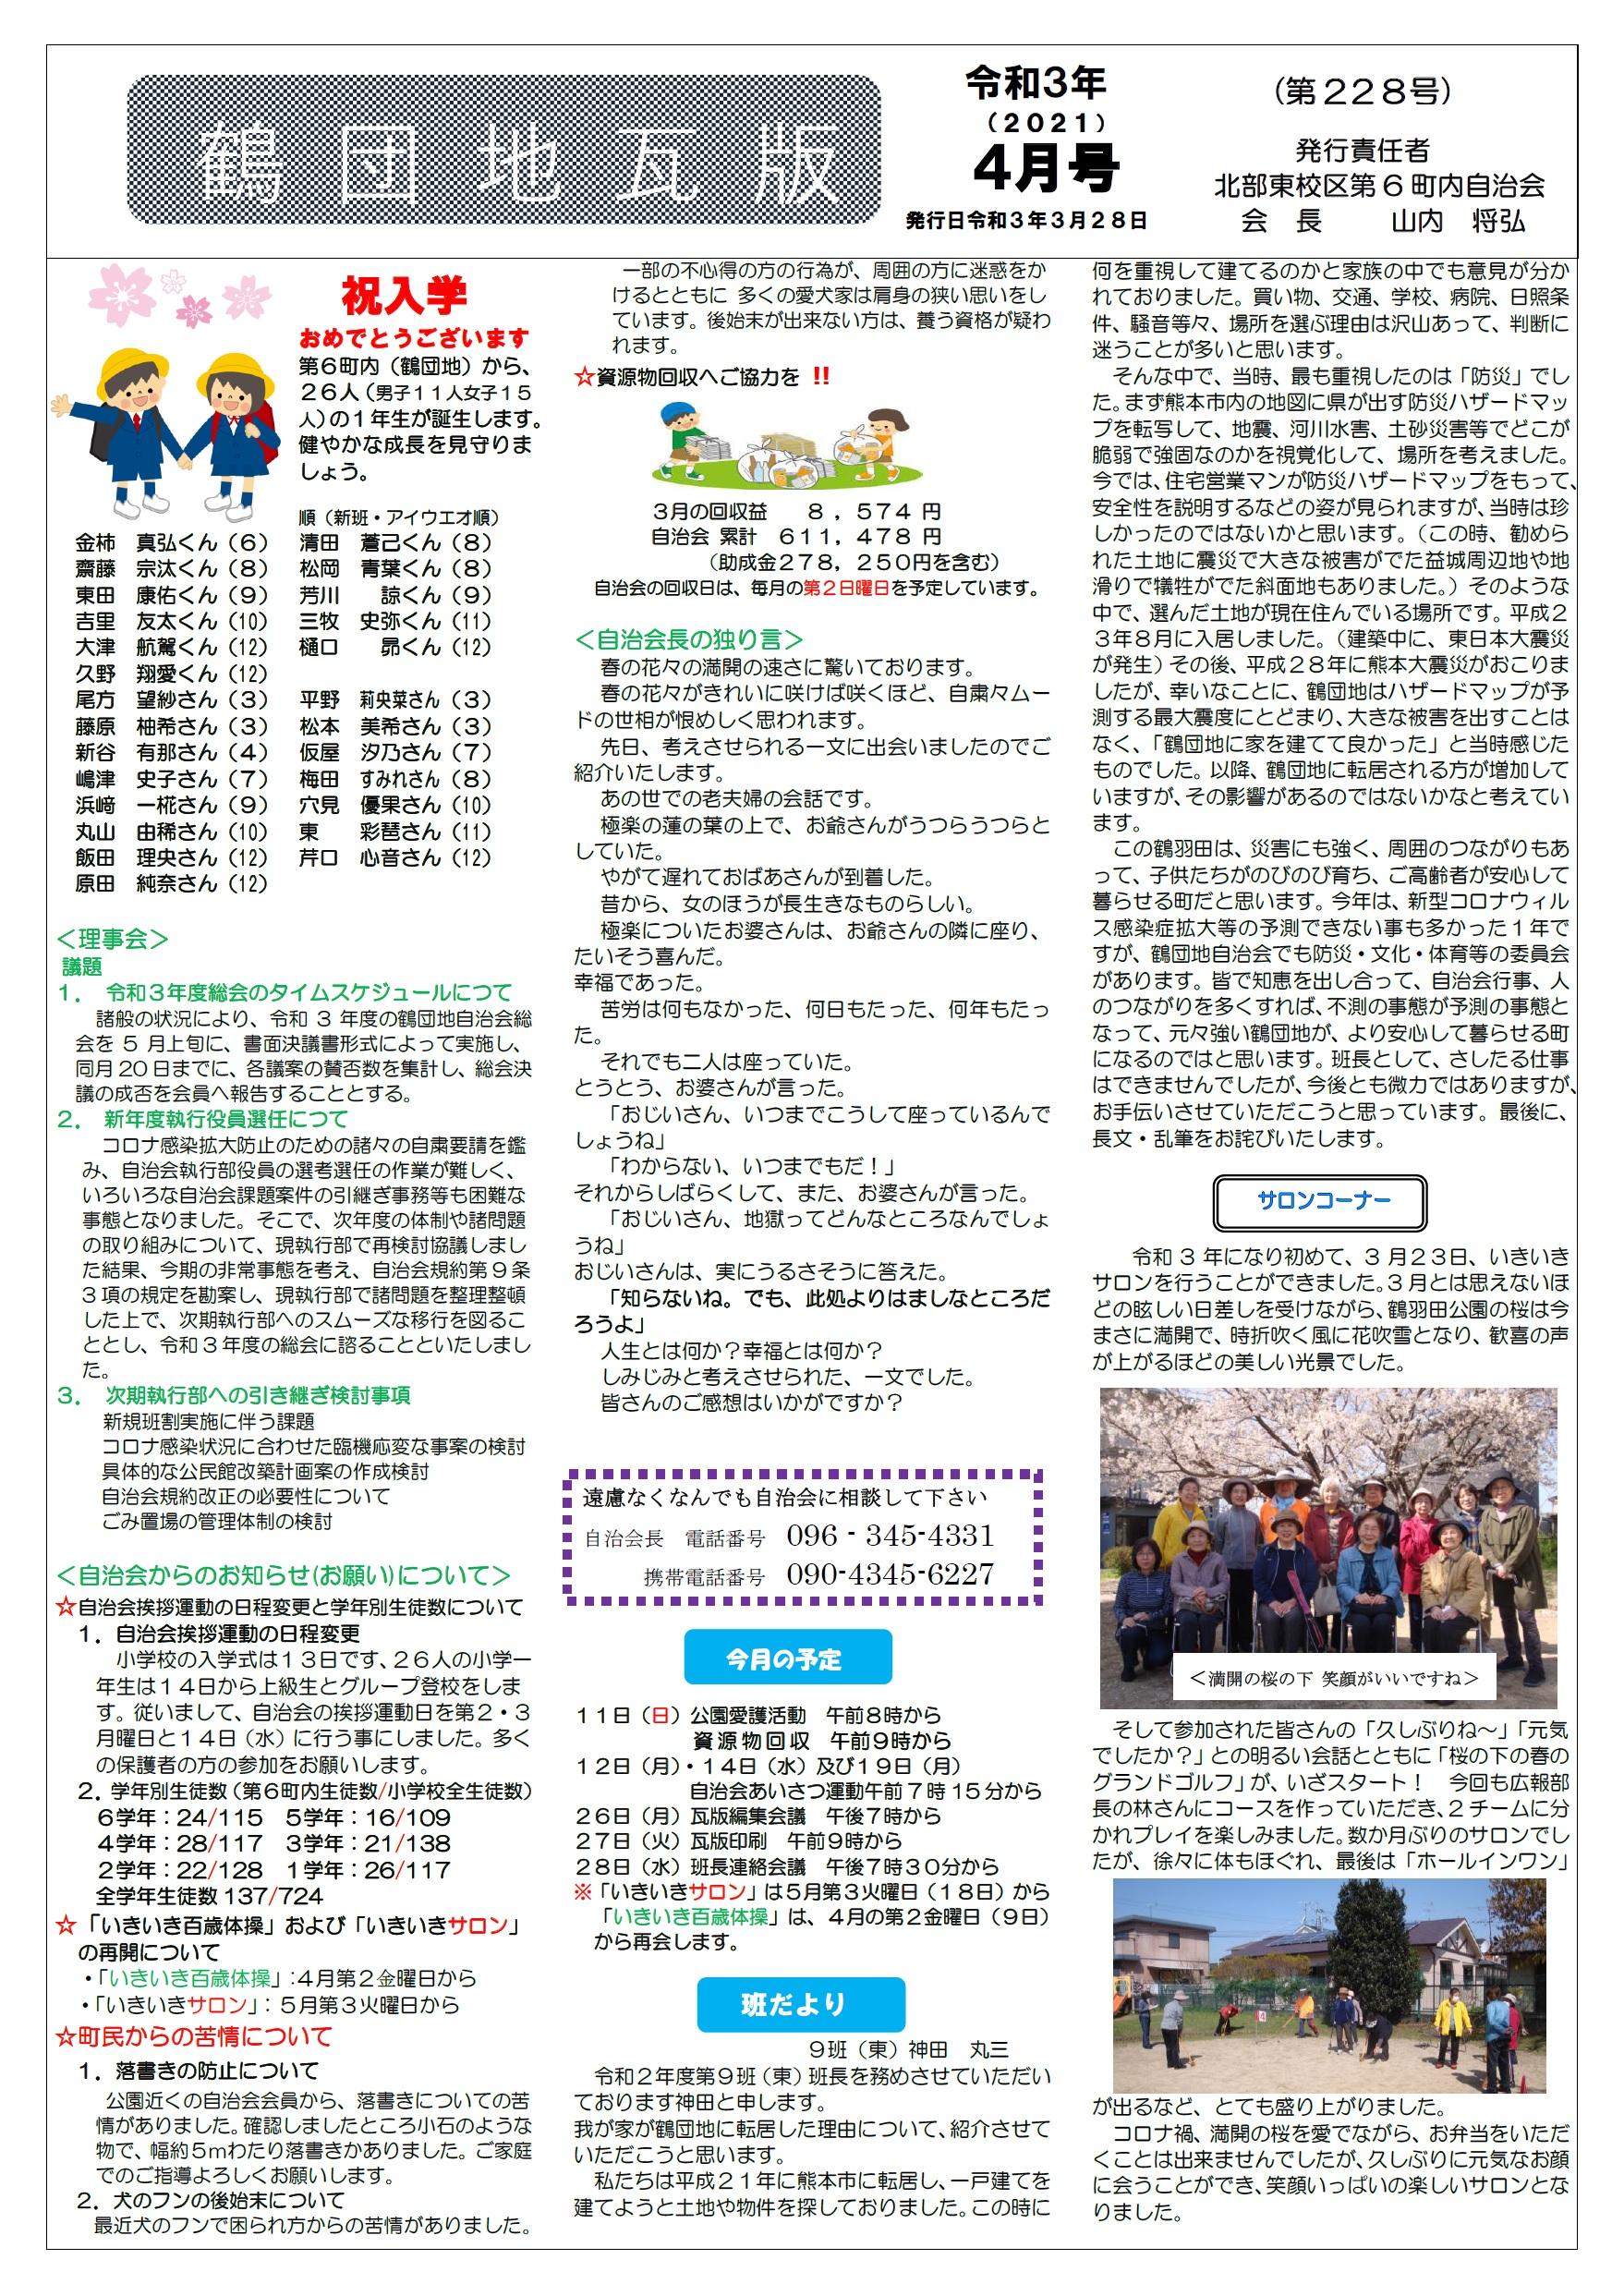 鶴団地瓦版(令和3年4月)表